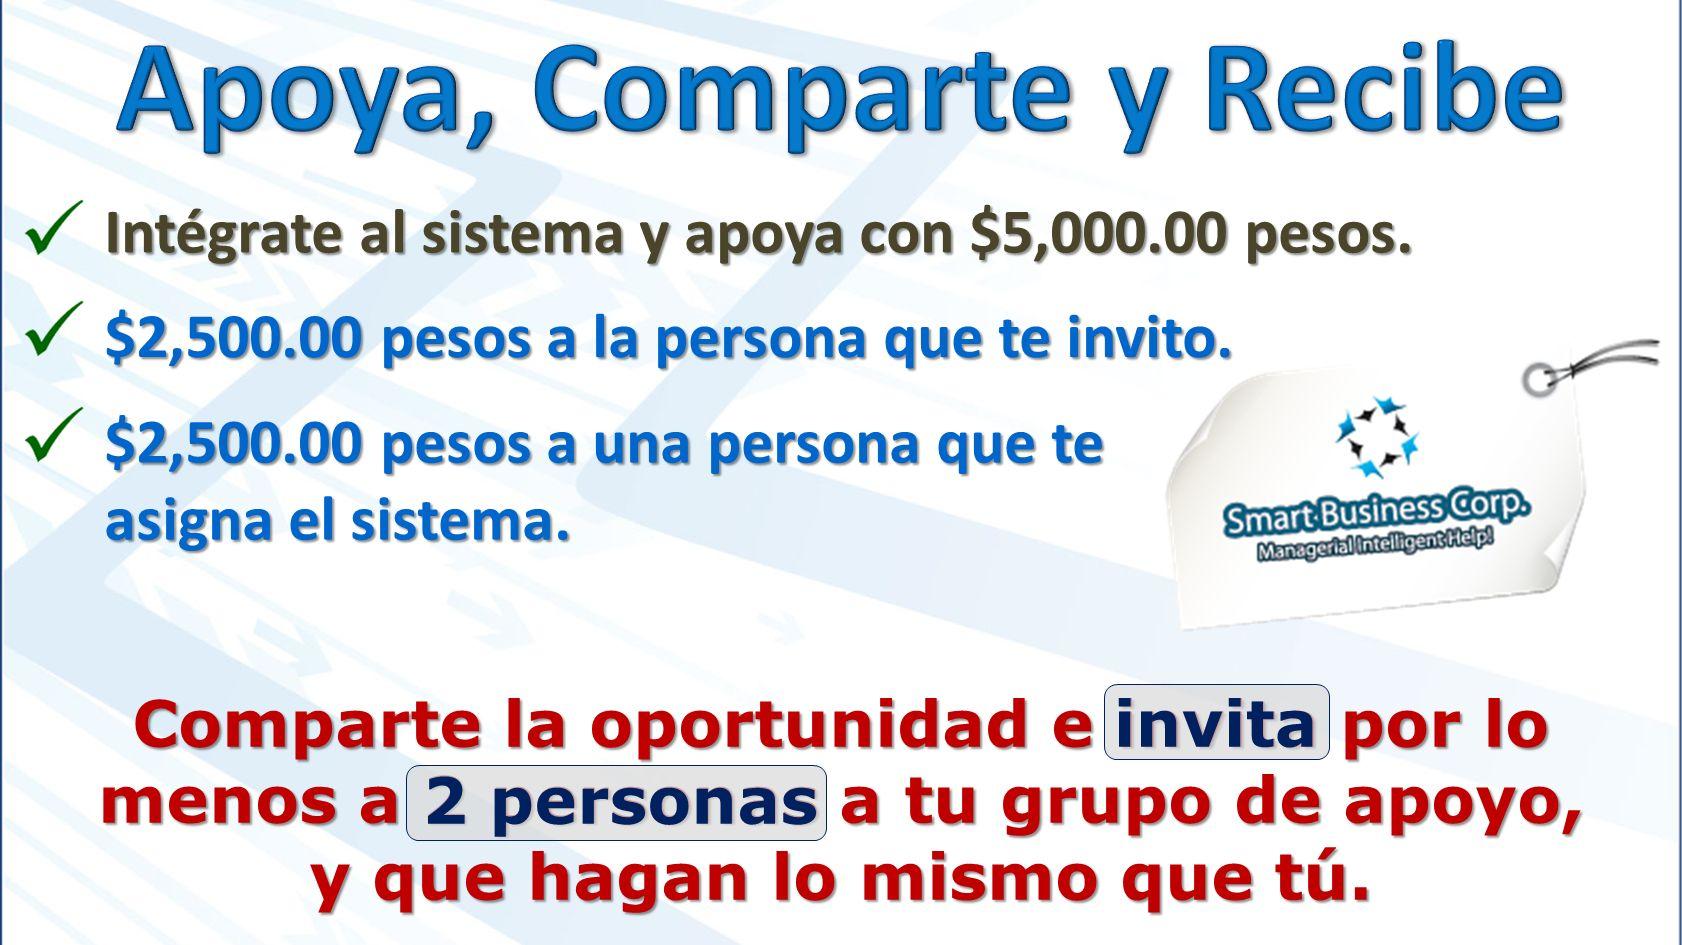 Intégrate al sistema y apoya con $5,000.00 pesos. $2,500.00 pesos a la persona que te invito.